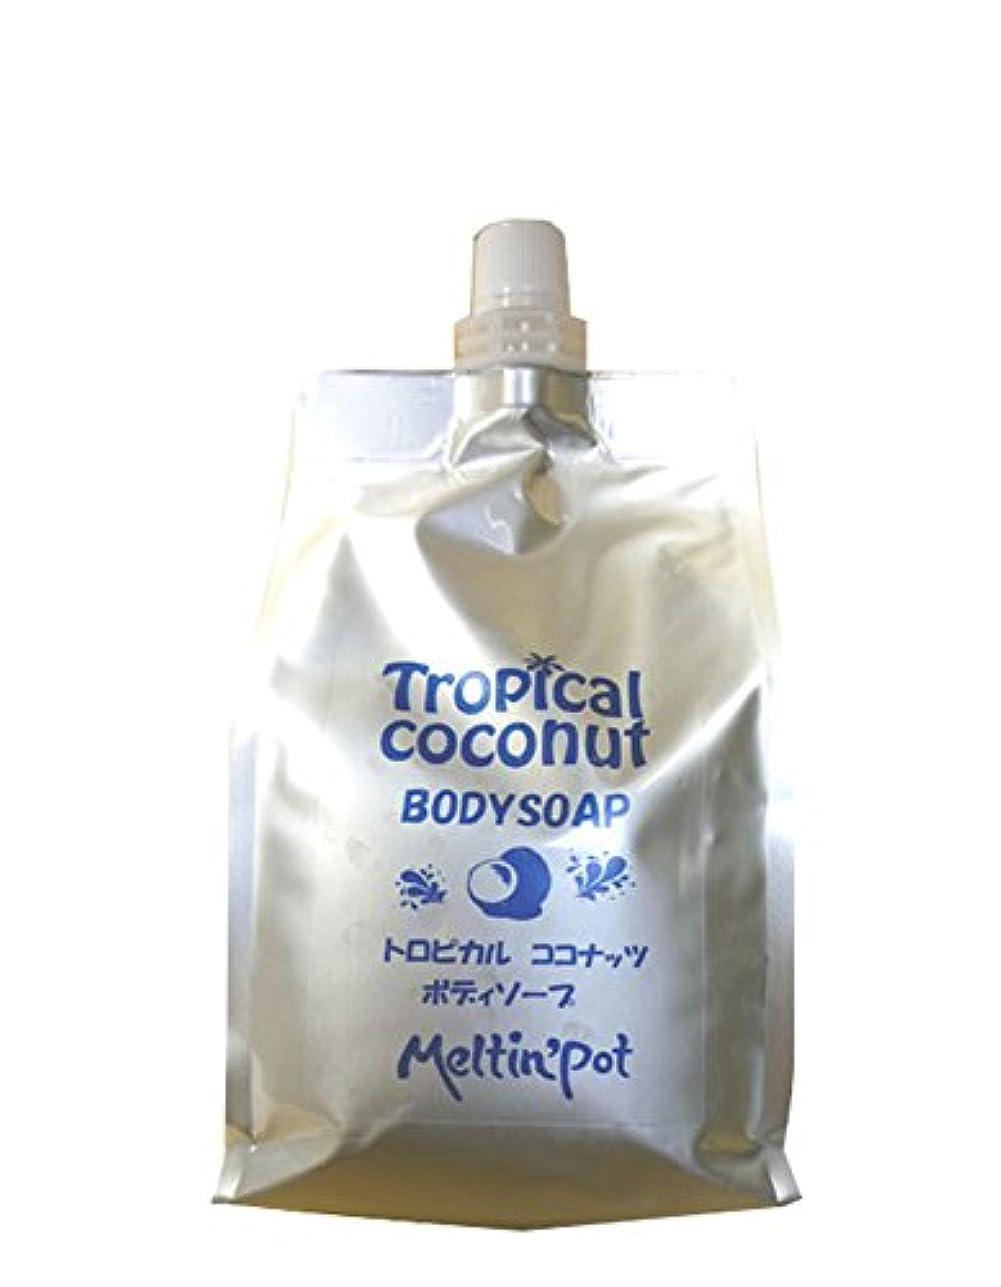 扱う言い直す電卓トロピカルココナッツ ボディソープ 1000ml 詰め替え Tropical coconut Body Soap 加齢臭に! [MeltinPot]